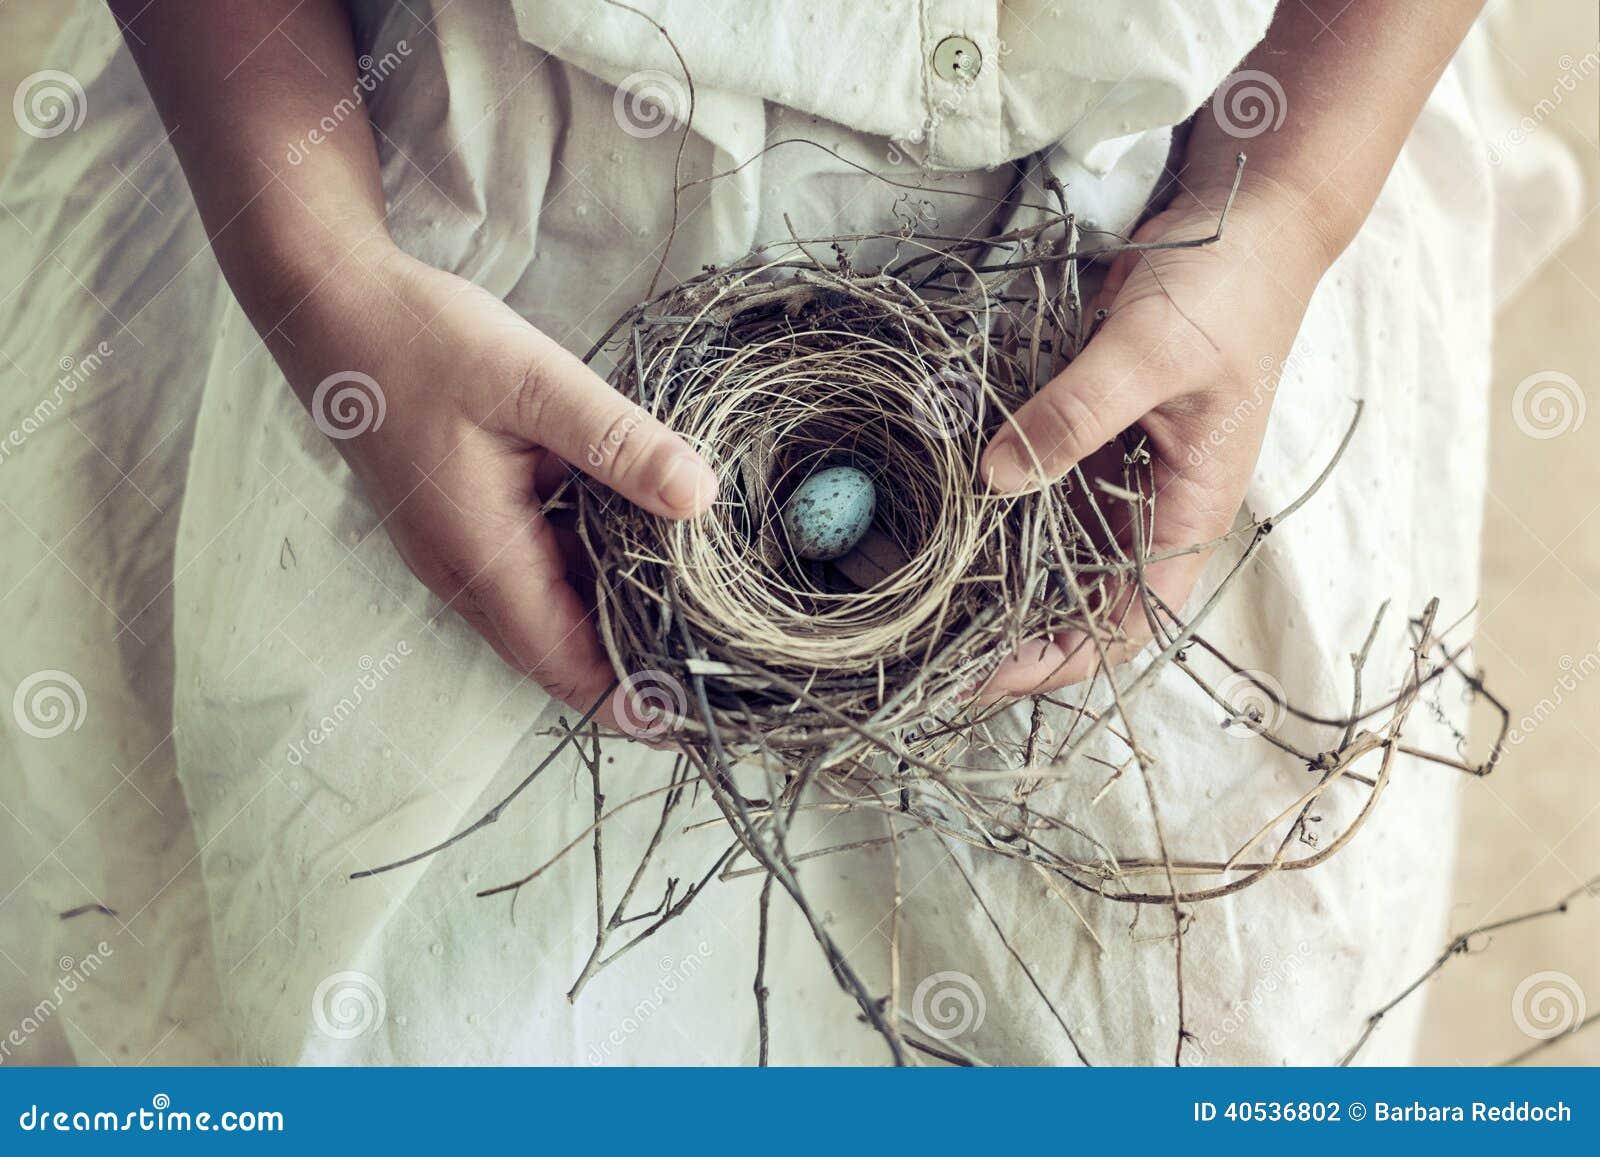 Girl Holding Blue Speckled Egg in Bird Nest on Lap